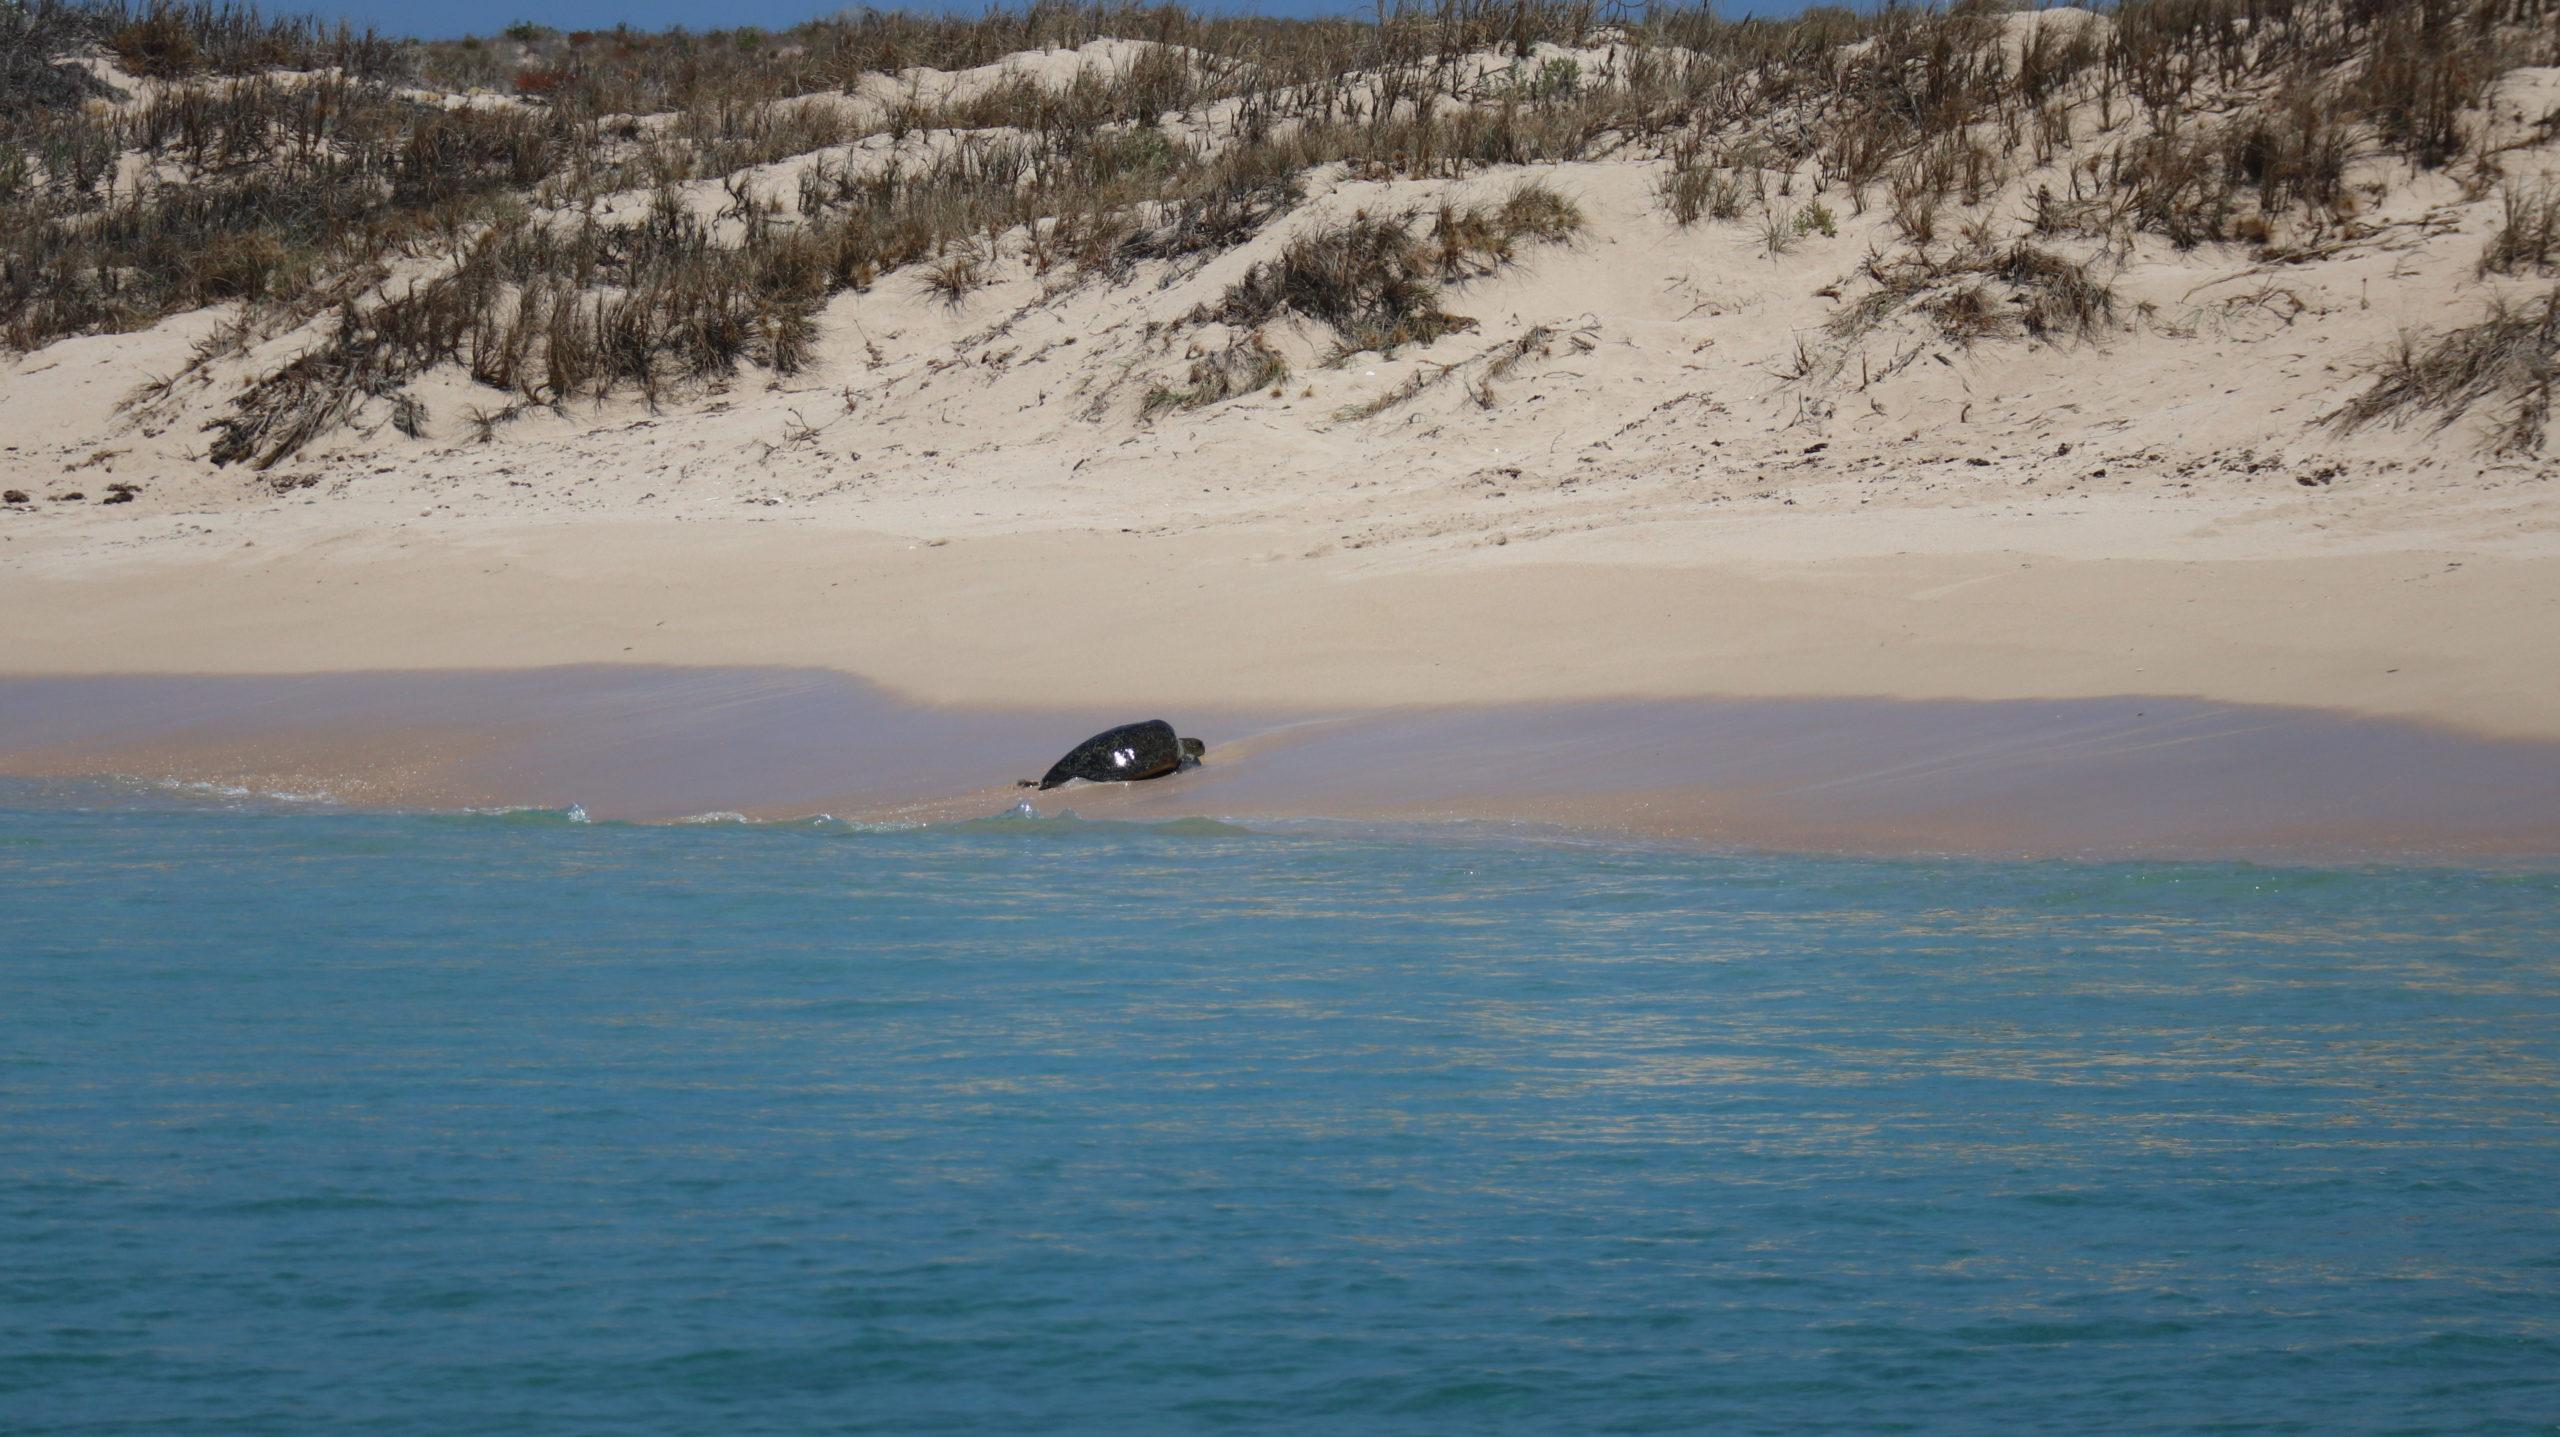 Schnorcheltour am Ningaloo Reef: Schildkröte